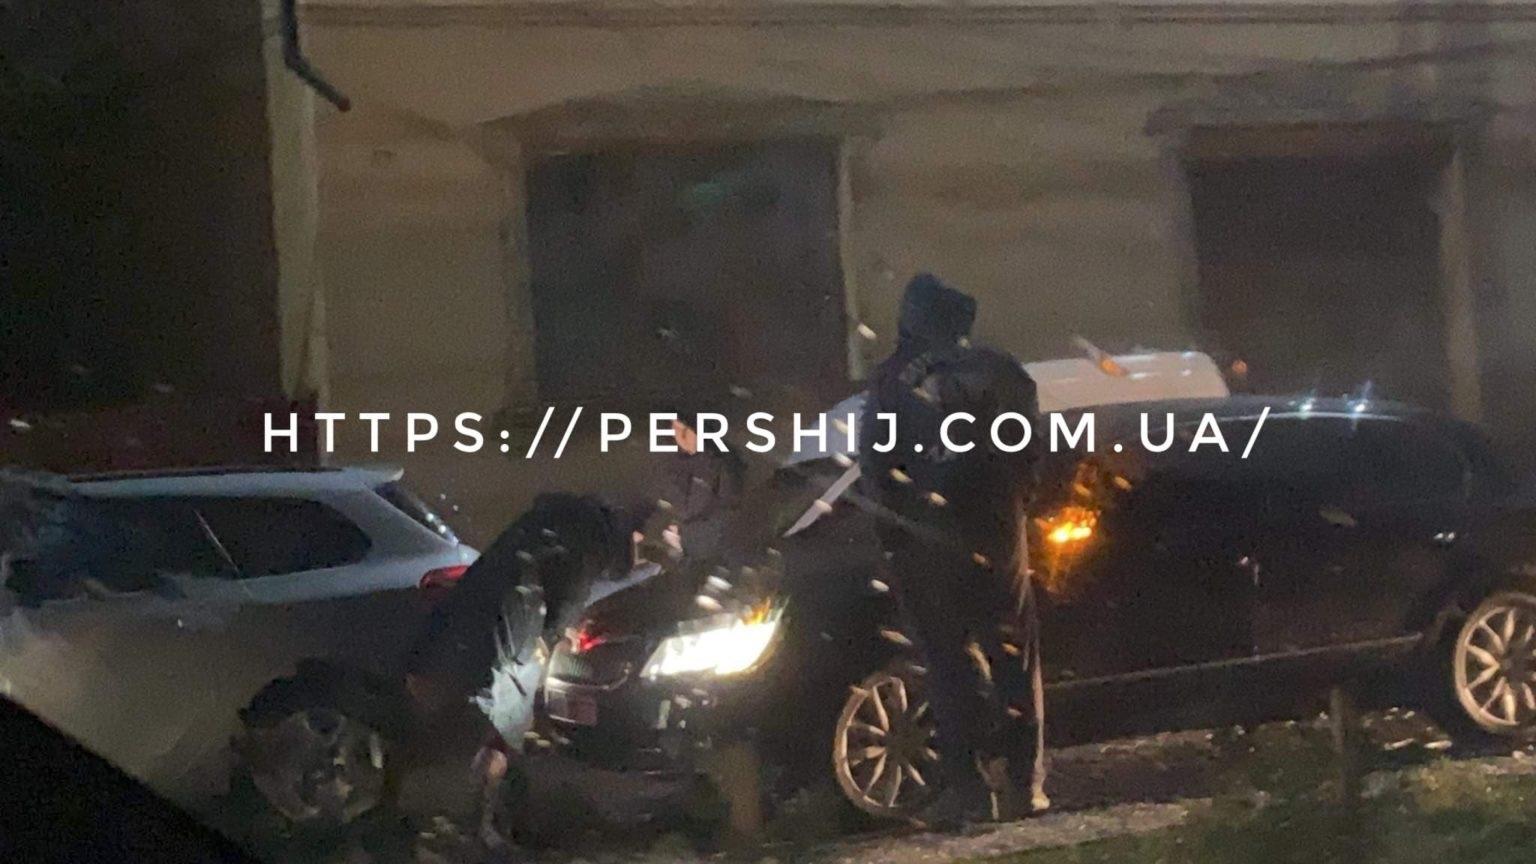 Автопригода трапилася сьогодні, близько 18:10 у Мукачеві біля Мукачівського державного університету.